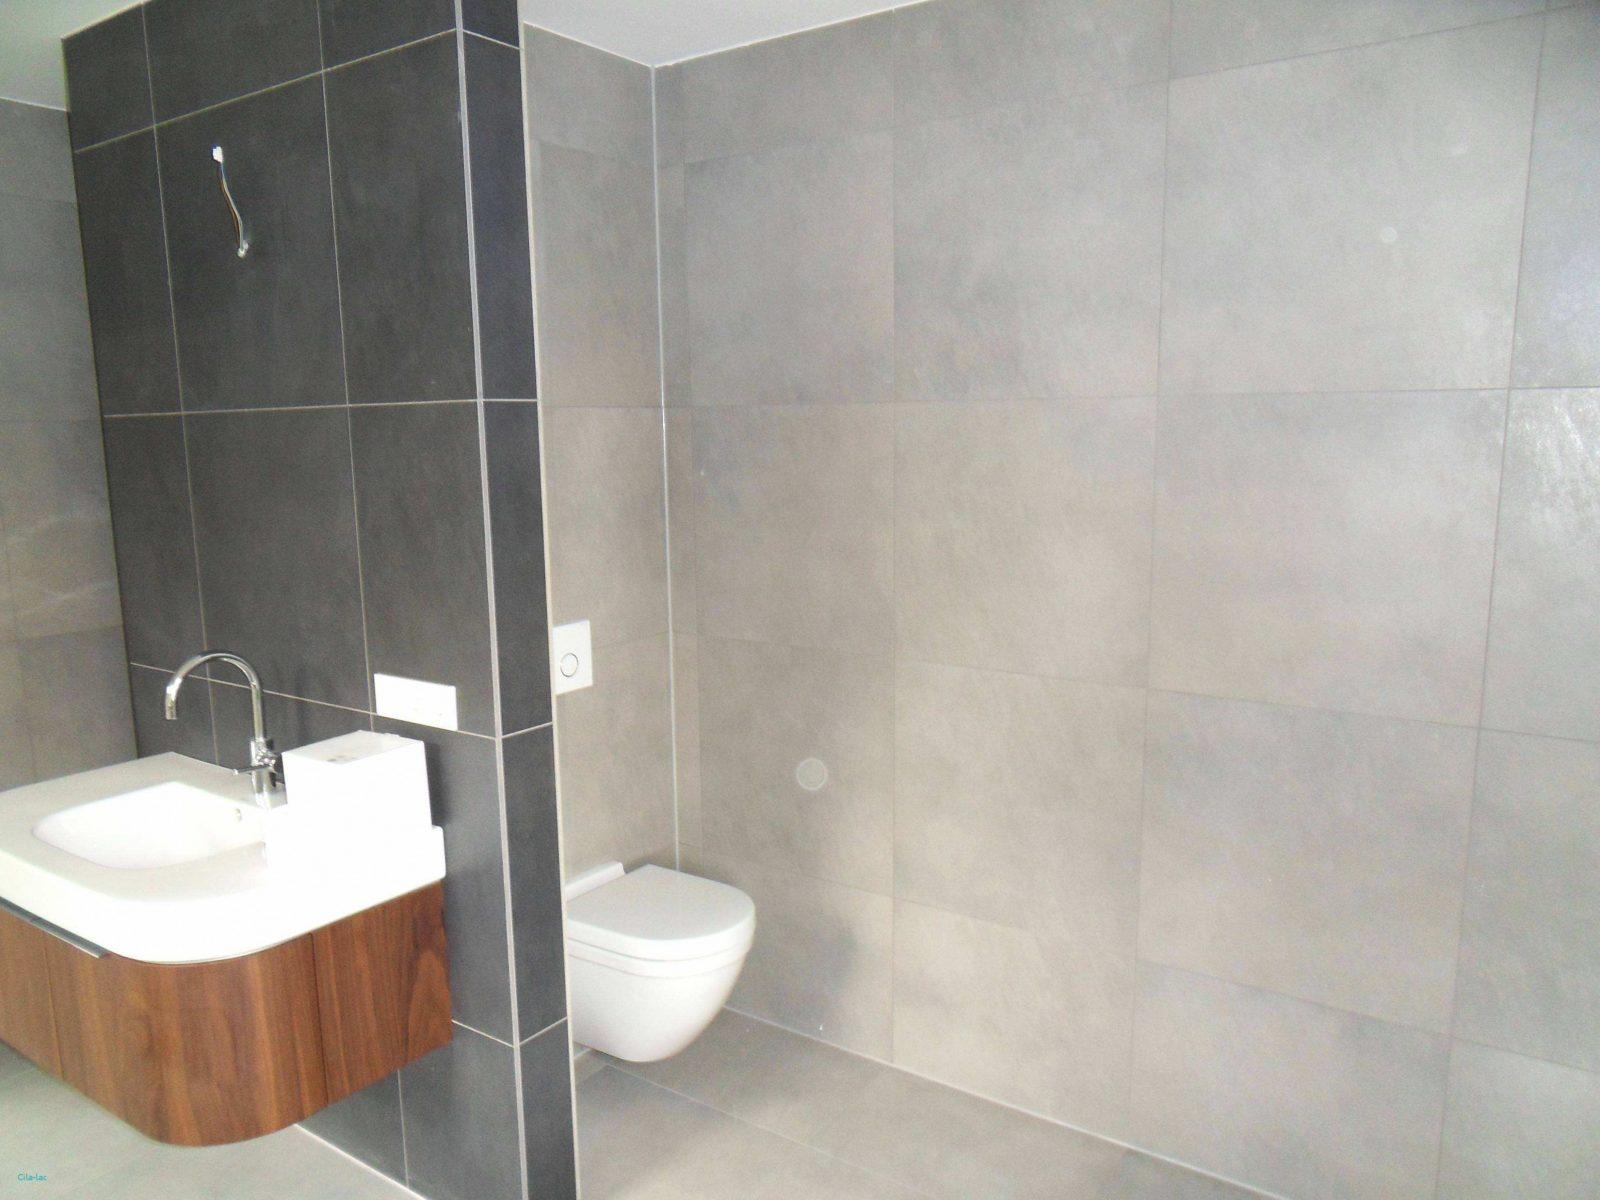 Fliesen Beige Fur Bad Frisch Moderne Badezimmer Fliesen von Moderne Badezimmer Fliesen Photo